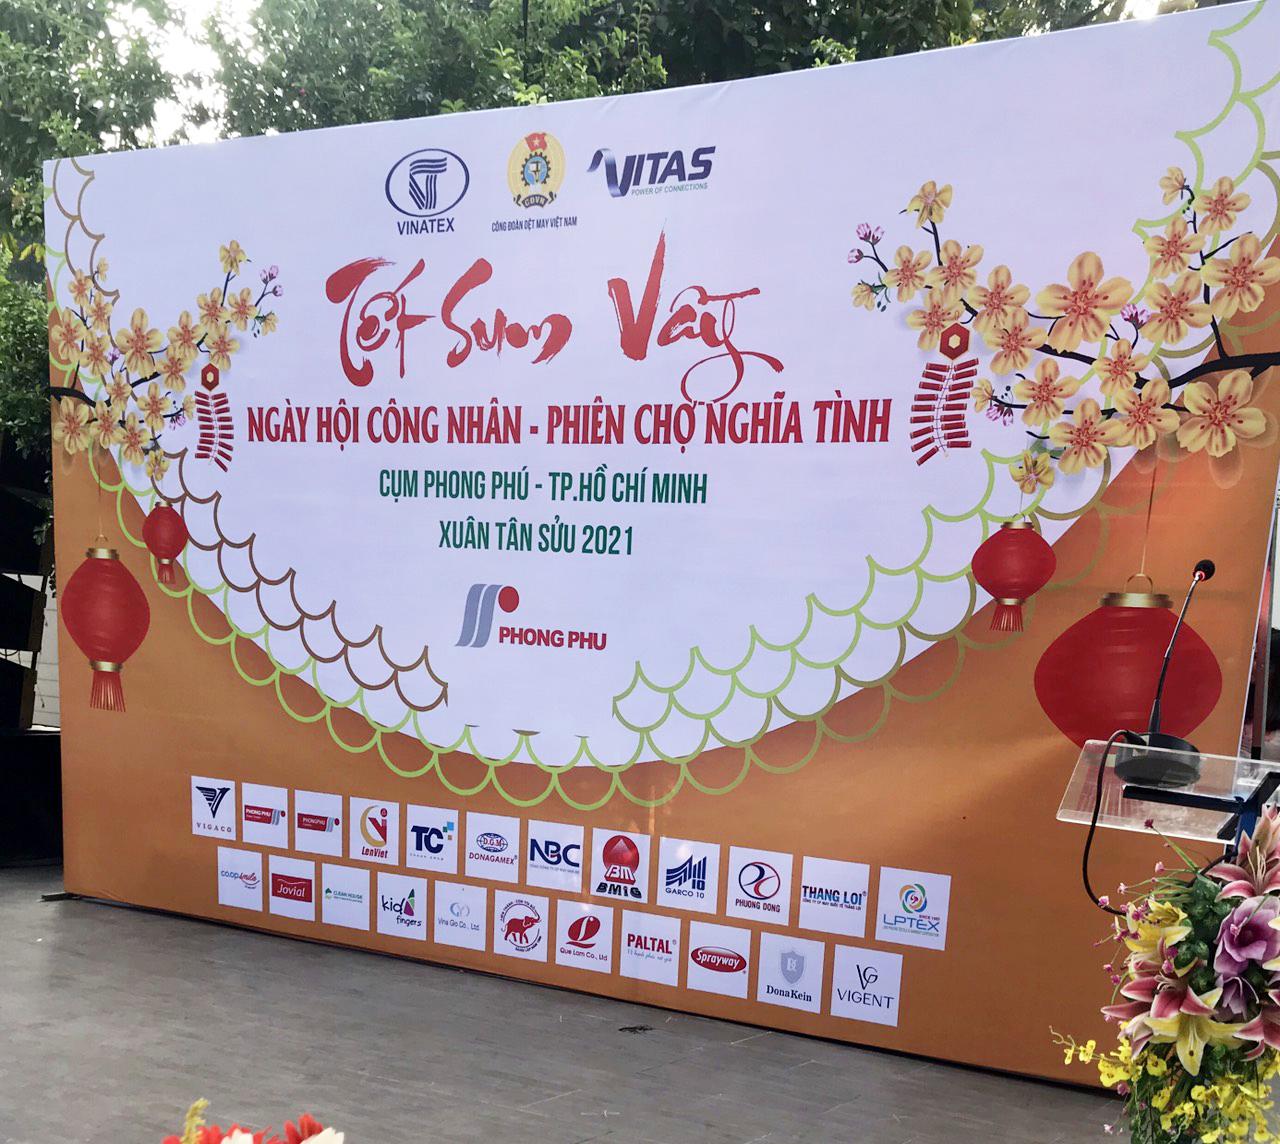 Ngày hội công nhân – Phiên chợ nghĩa tình Xuân Tân Sửu 2021